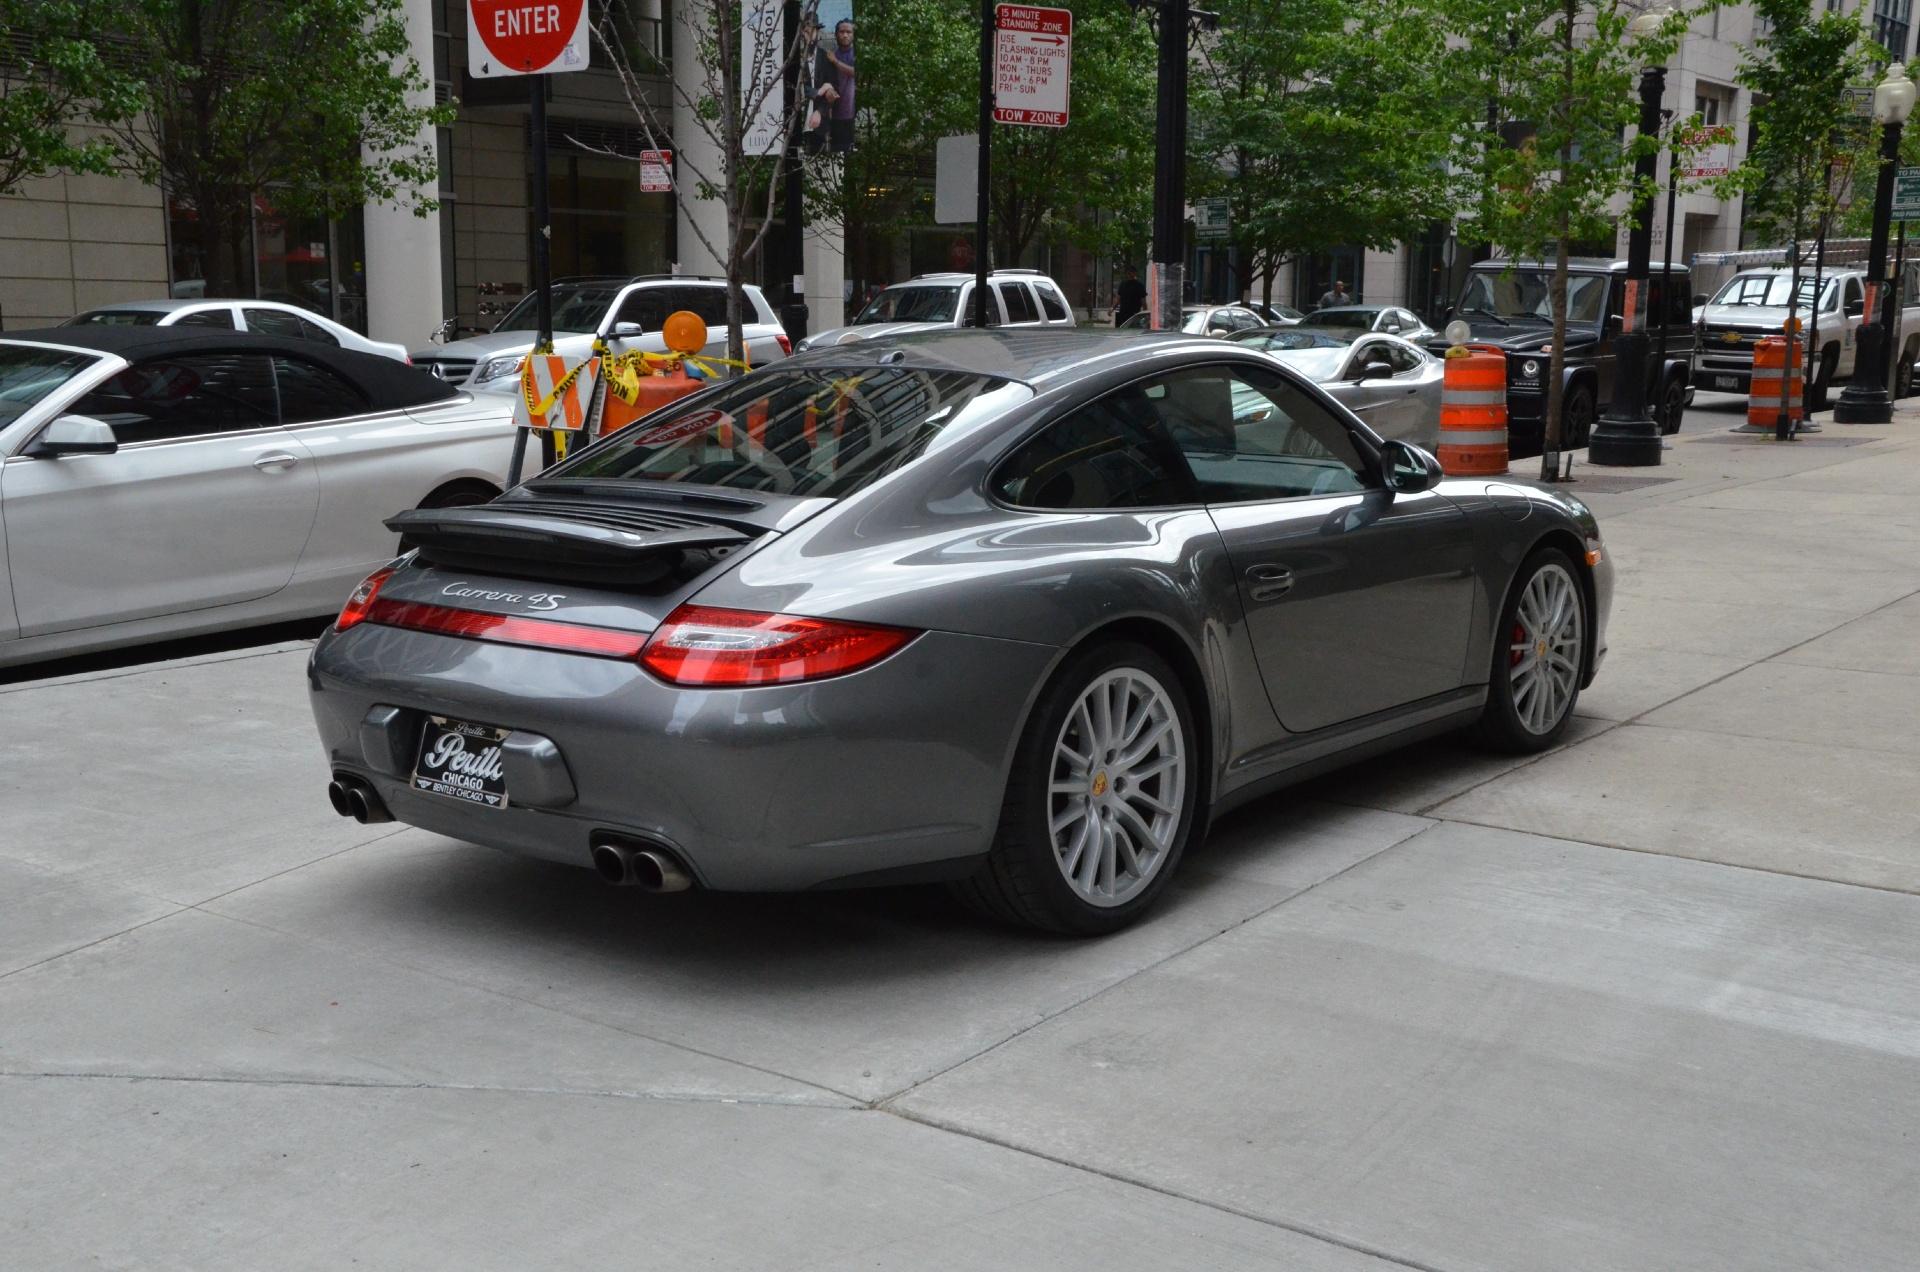 2010 porsche 911 carrera 4s stock l193a for sale near. Black Bedroom Furniture Sets. Home Design Ideas